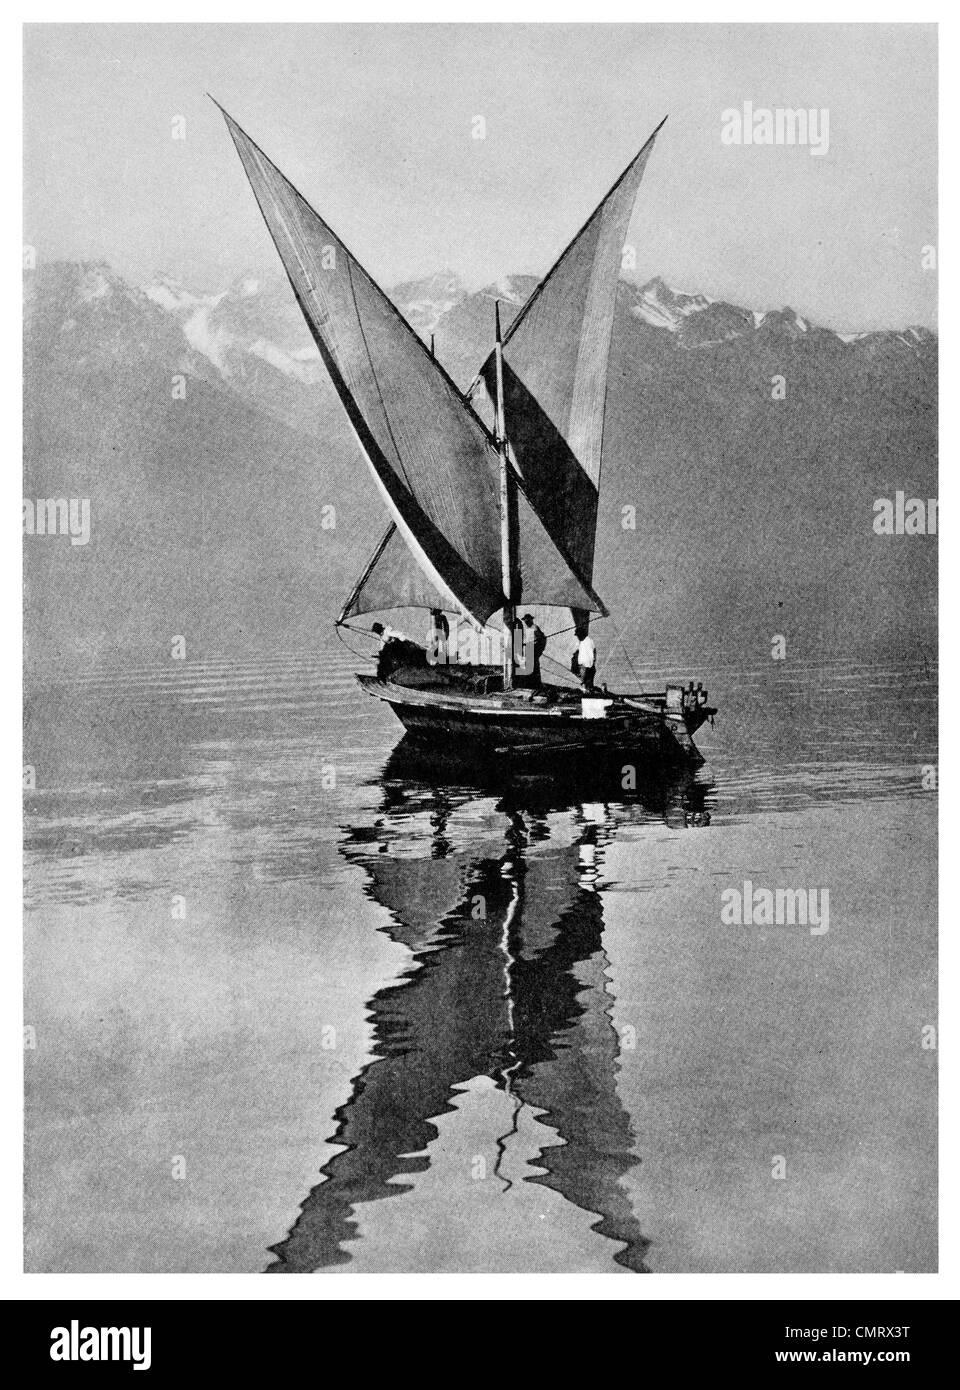 1919 Swiss lateen sail Butterfly boat Lake Geneva Switzerland - Stock Image